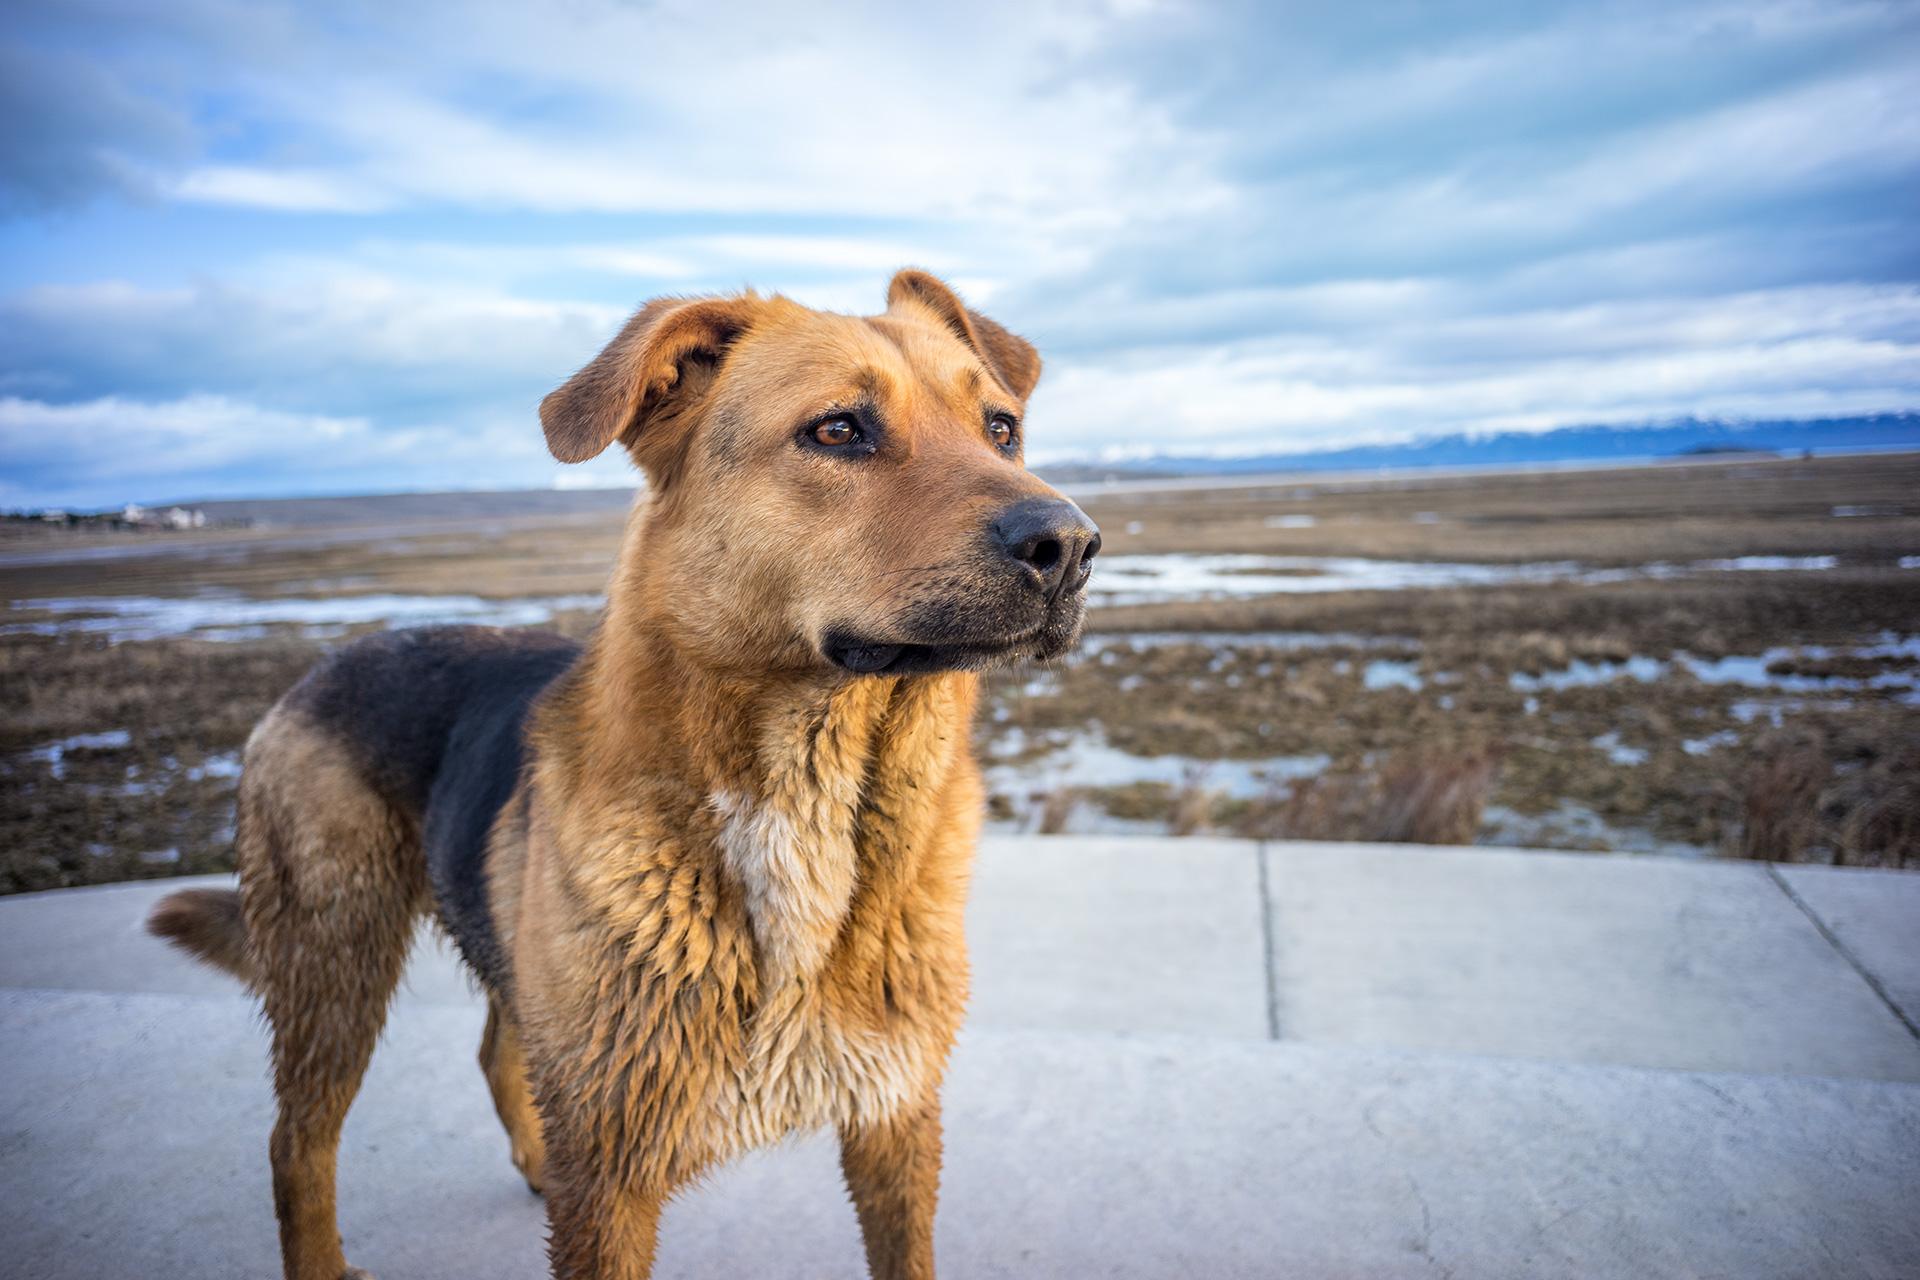 Pet Dog Photo Outdoors